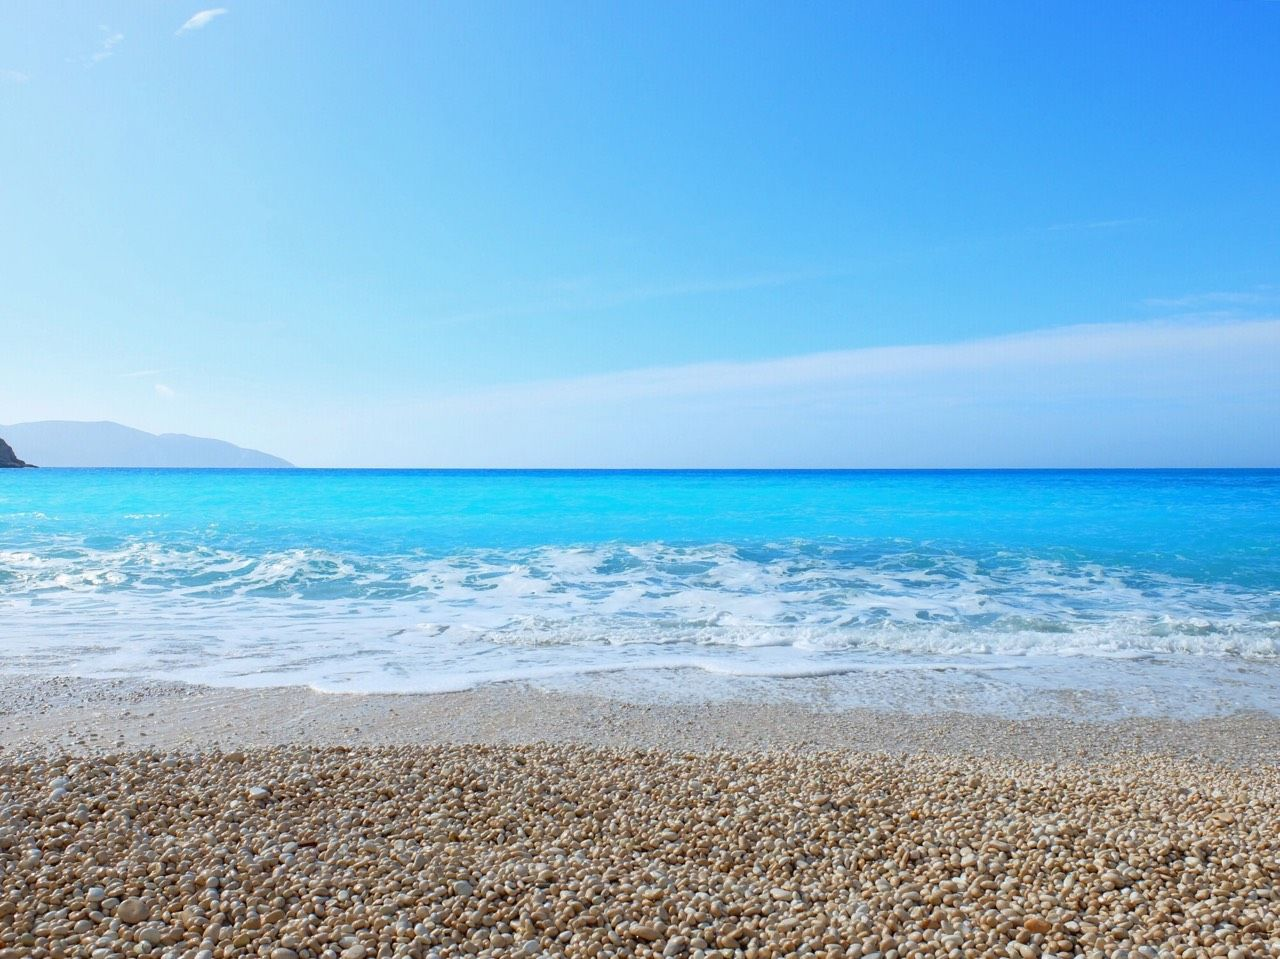 驚愕の青色!ギリシャの海なら迷わずイオニア海・ケファロニア島へ